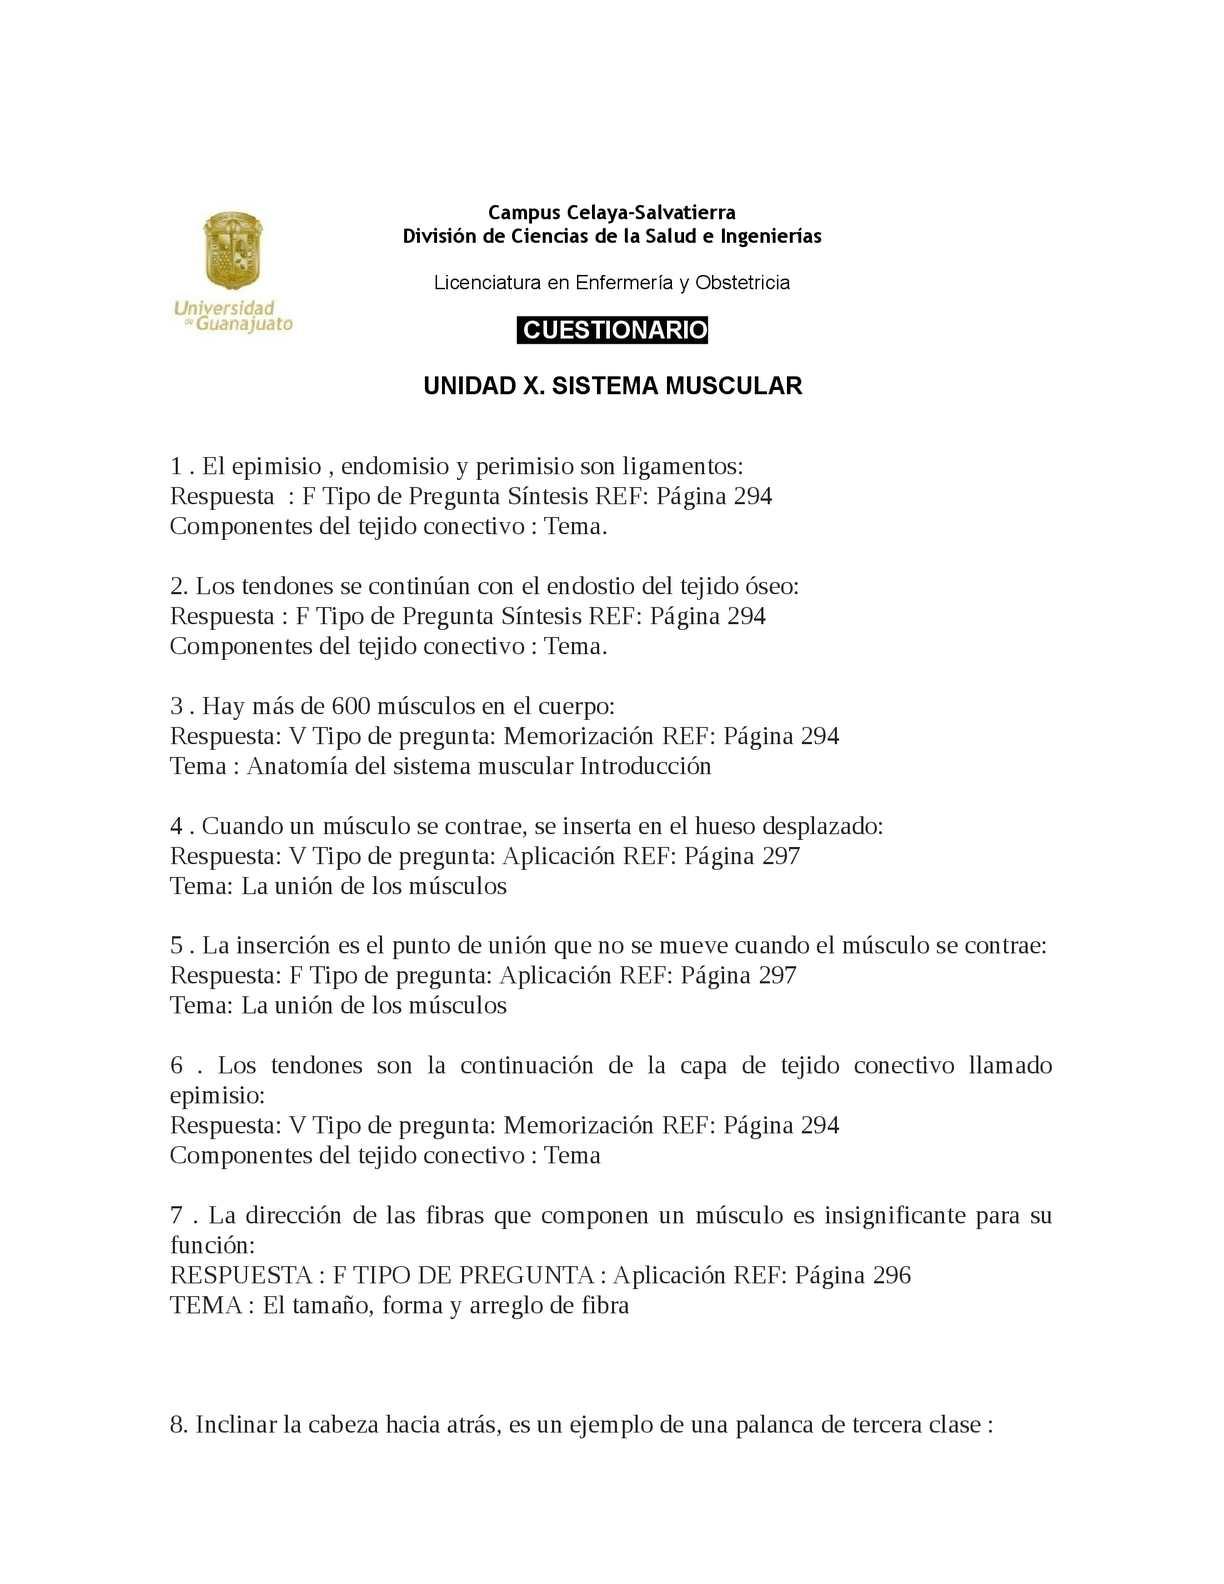 Calaméo - TAREA 12. CUESTIONARIO MUSCULO